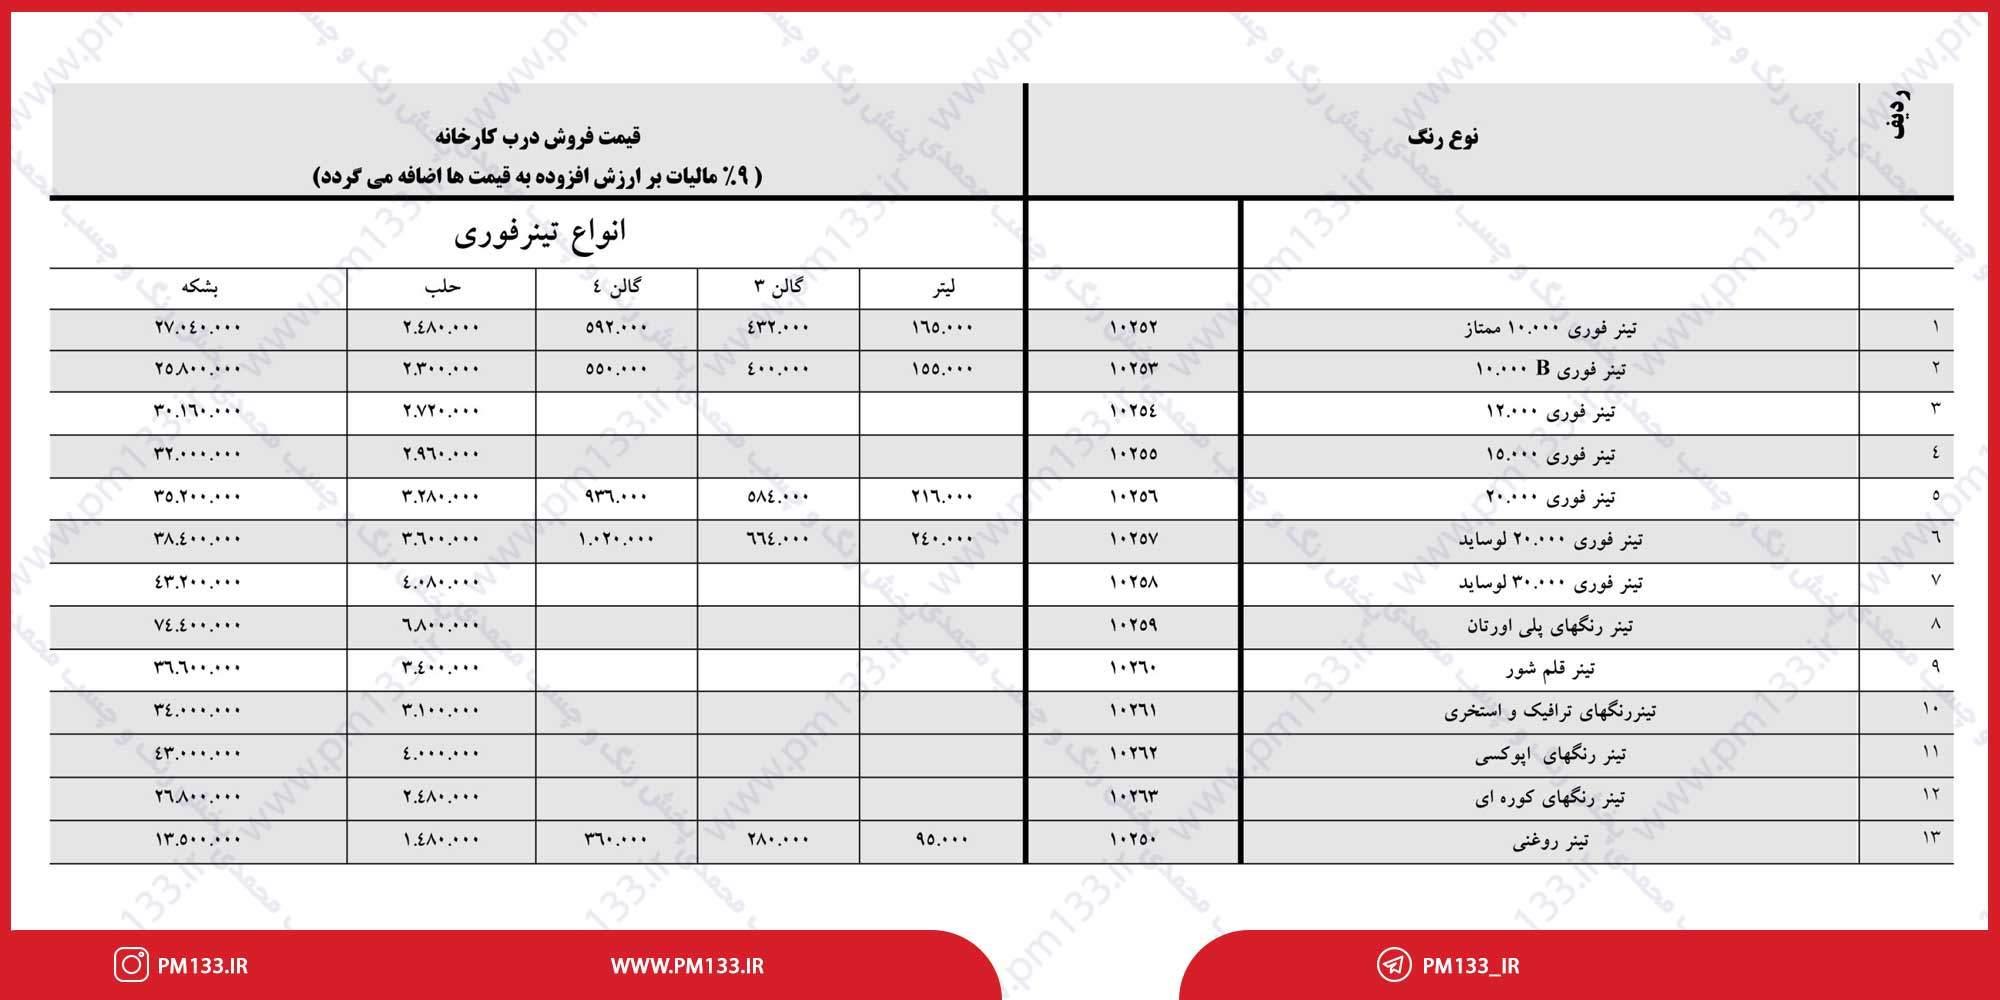 لیست قیمت فرازپیشه 04-02-1400 صفحه 5